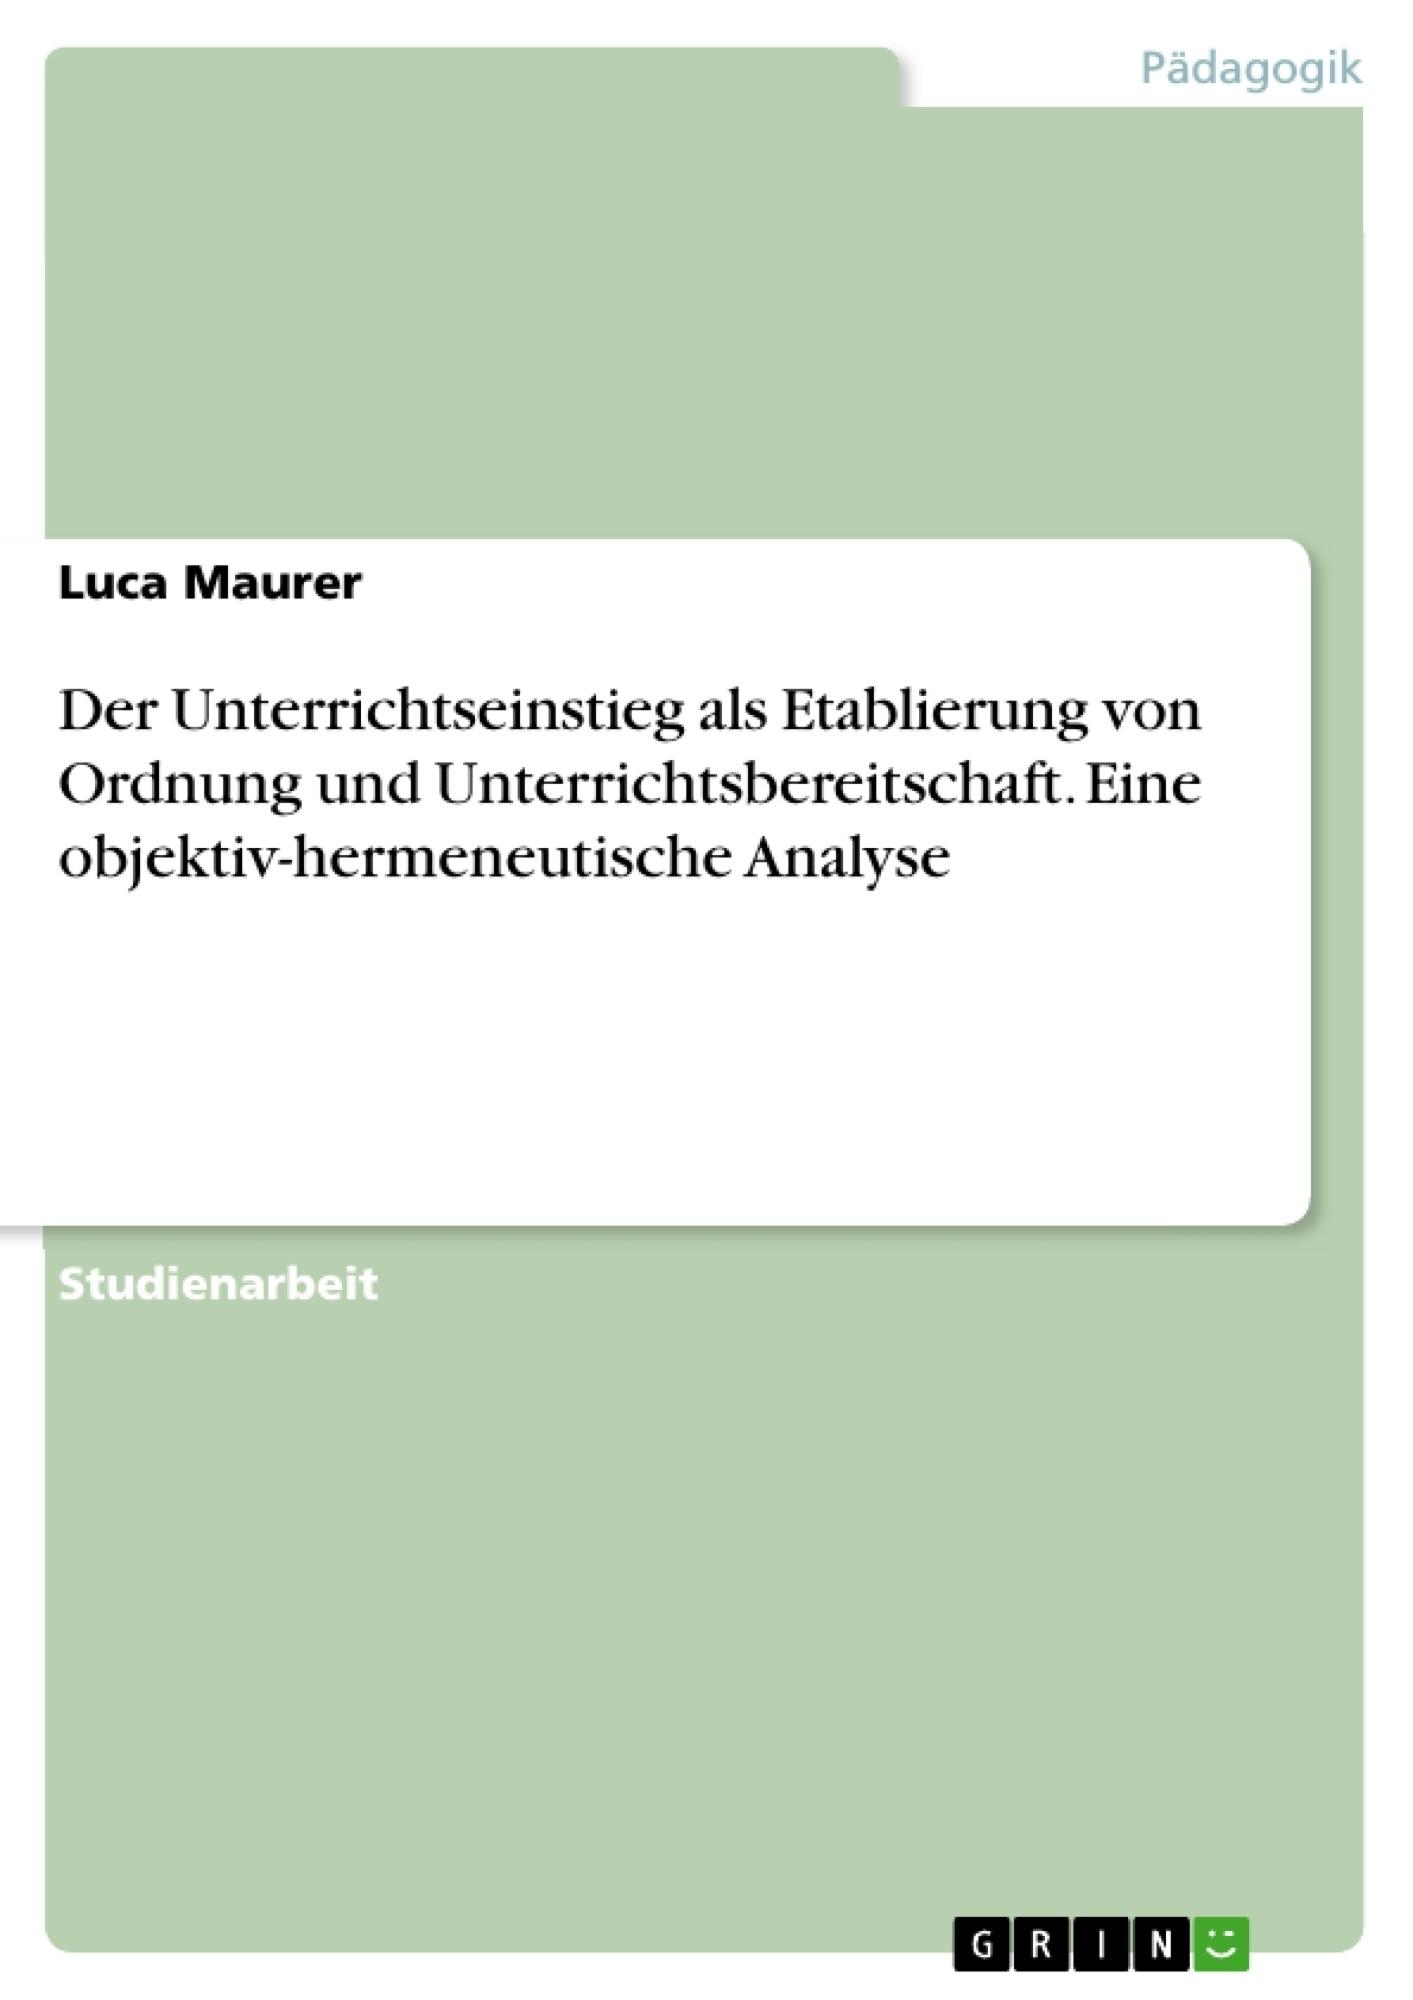 Titel: Der Unterrichtseinstieg als Etablierung von Ordnung und Unterrichtsbereitschaft. Eine objektiv-hermeneutische Analyse